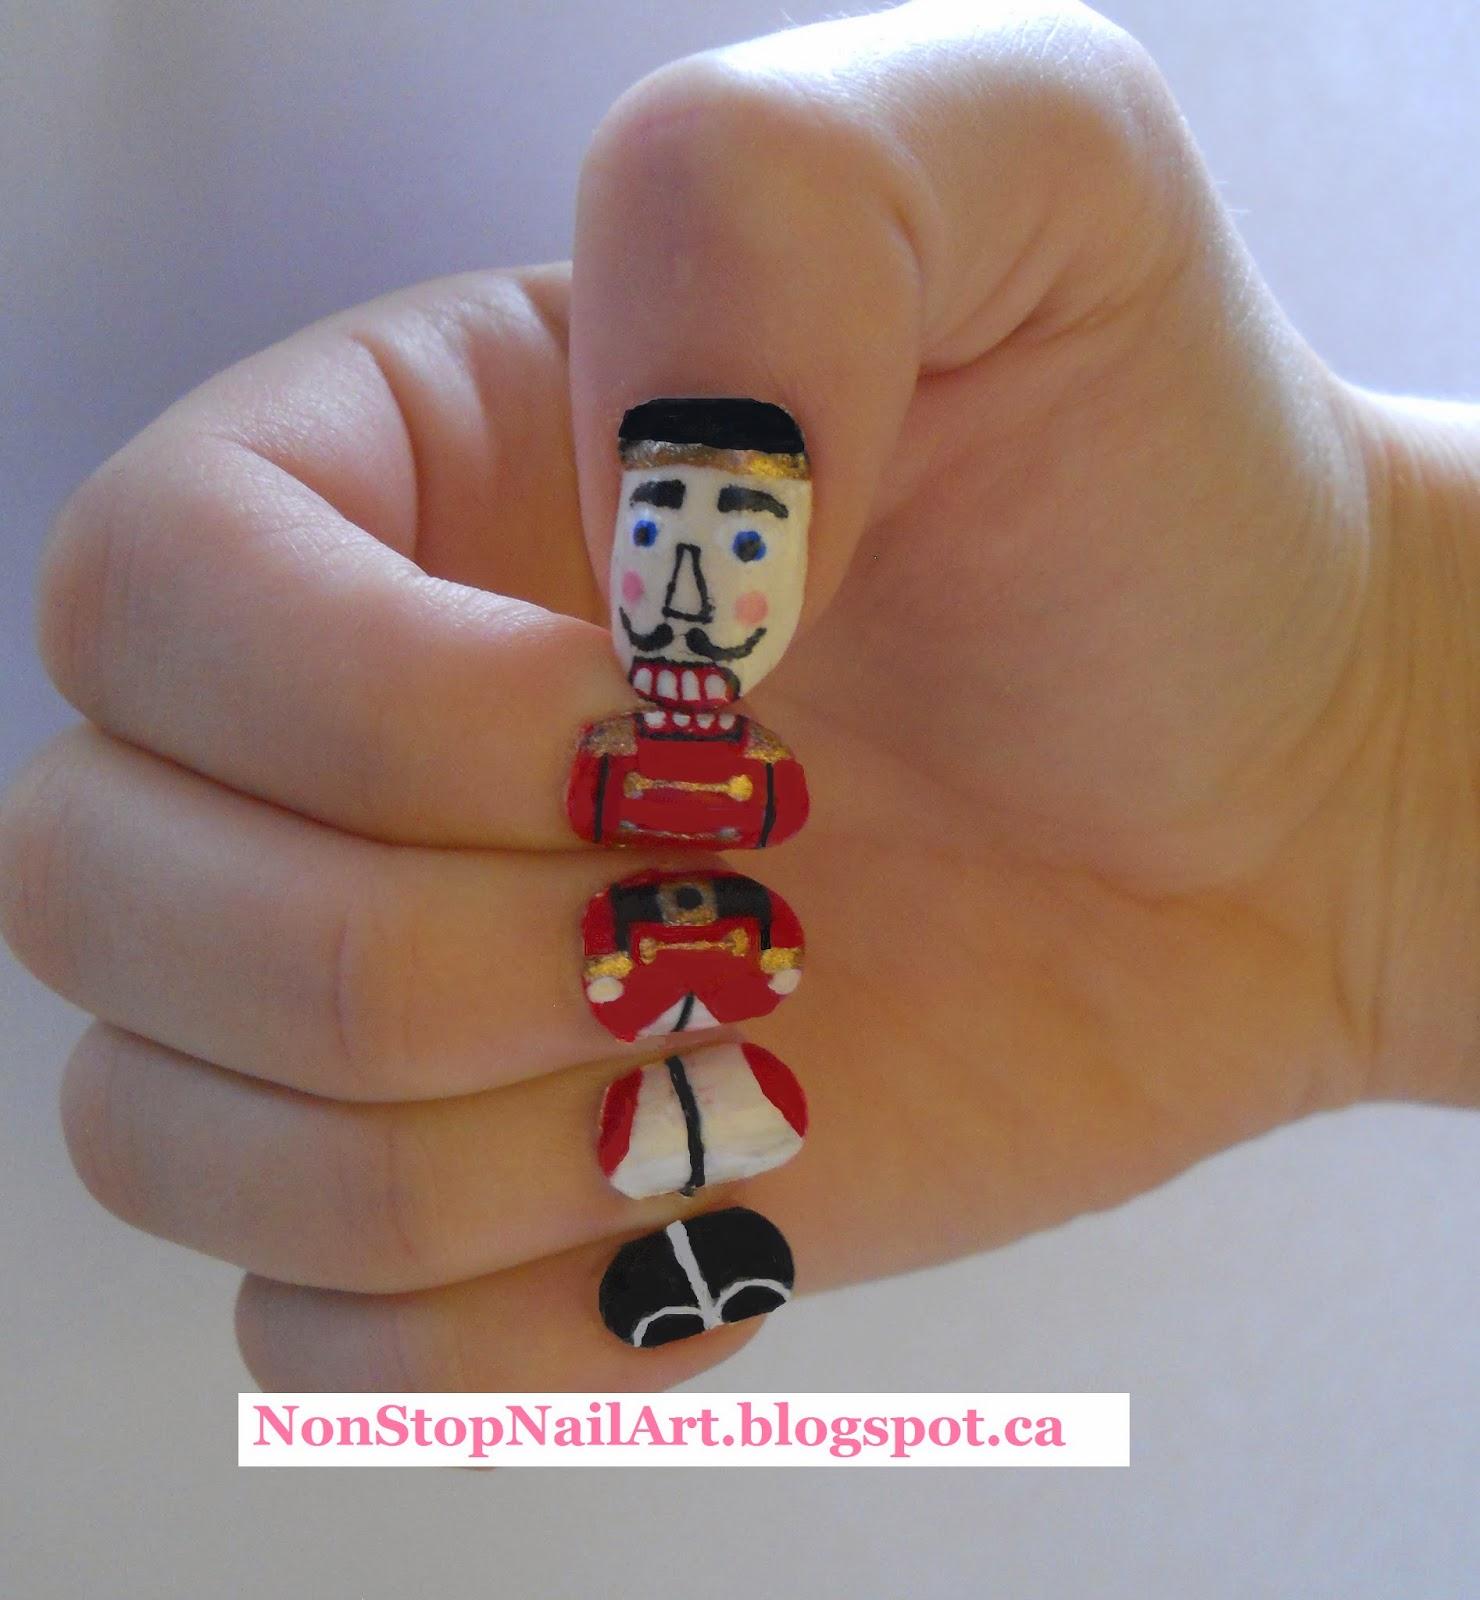 Non Stop Nail Art Christmas And Winter Nails 2014